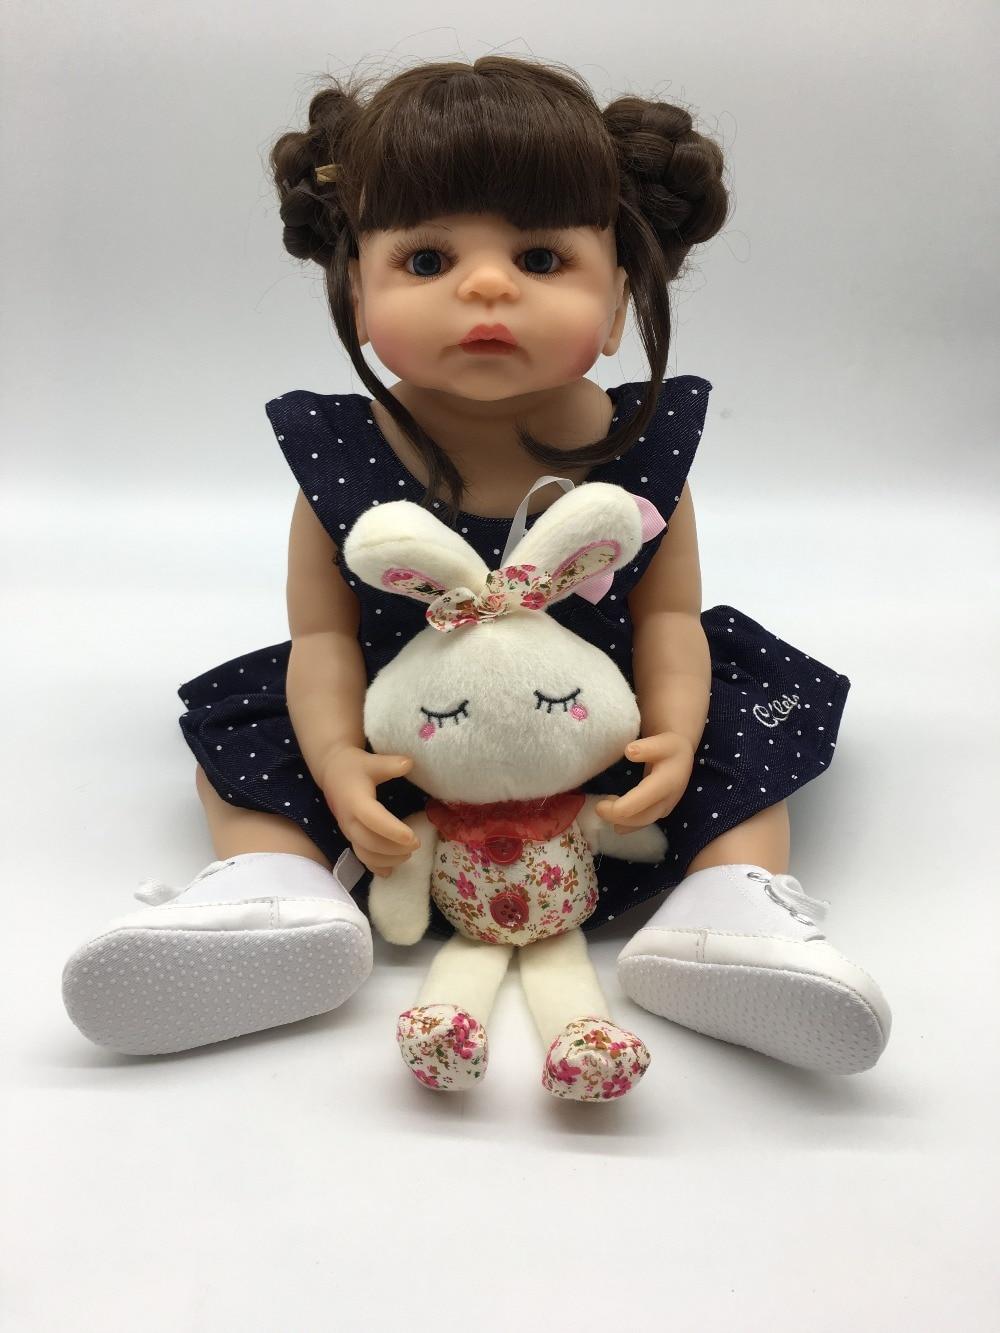 Bonecas reborn menina corpo de silicone réel 22 pouces 55 cm reborn bébé poupées enfant en bas âge fille vivant enfants cadeau jouet poupées